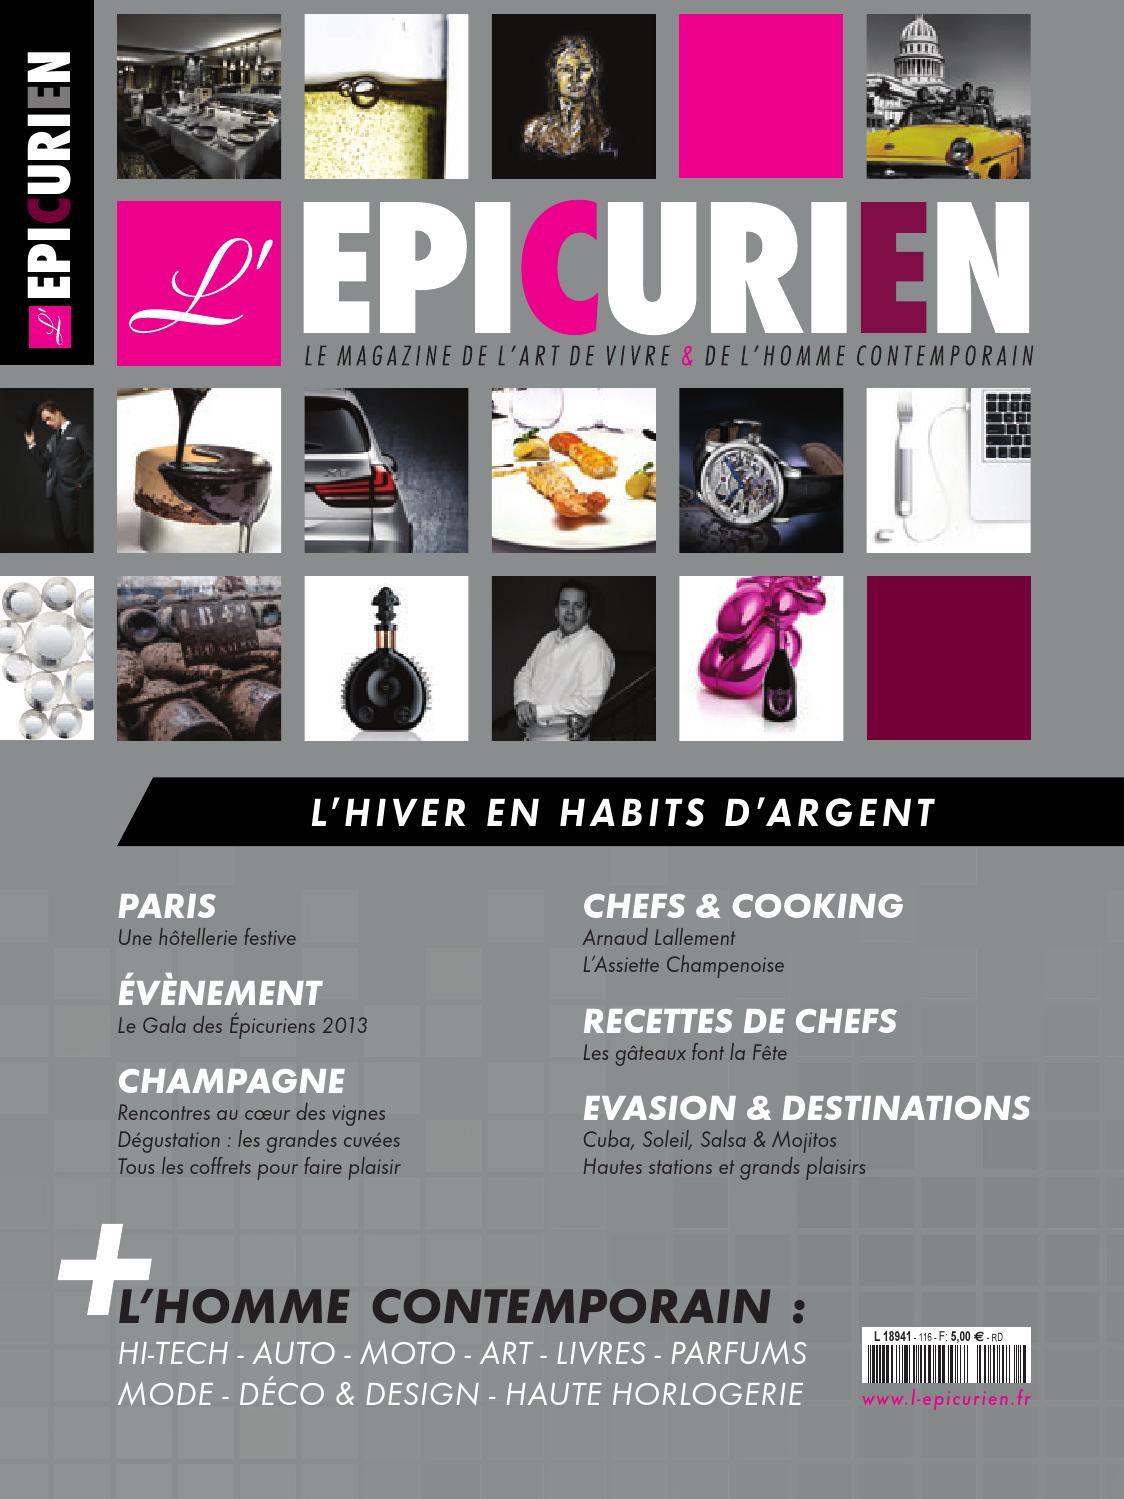 deeb1cea65f7d0 L EPICURIEN magazine 111 by Tony Barusta - issuu